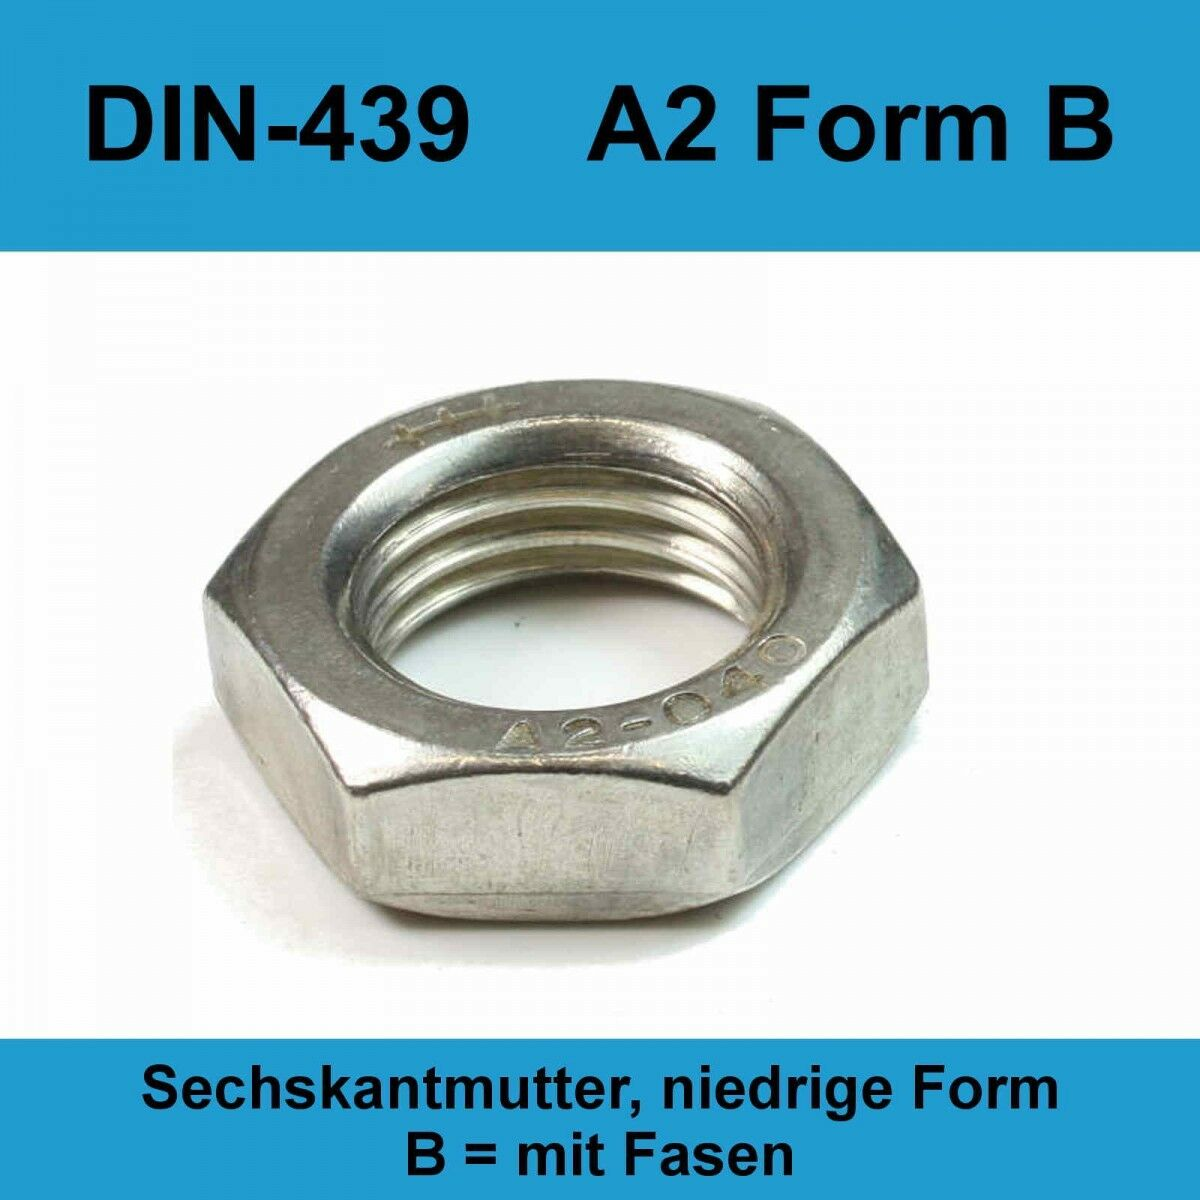 M12 DIN 439 A2 Edelstahl Sechskantmuttern flache niedrige Form Rostfrei 20-500St  | Langfristiger Ruf